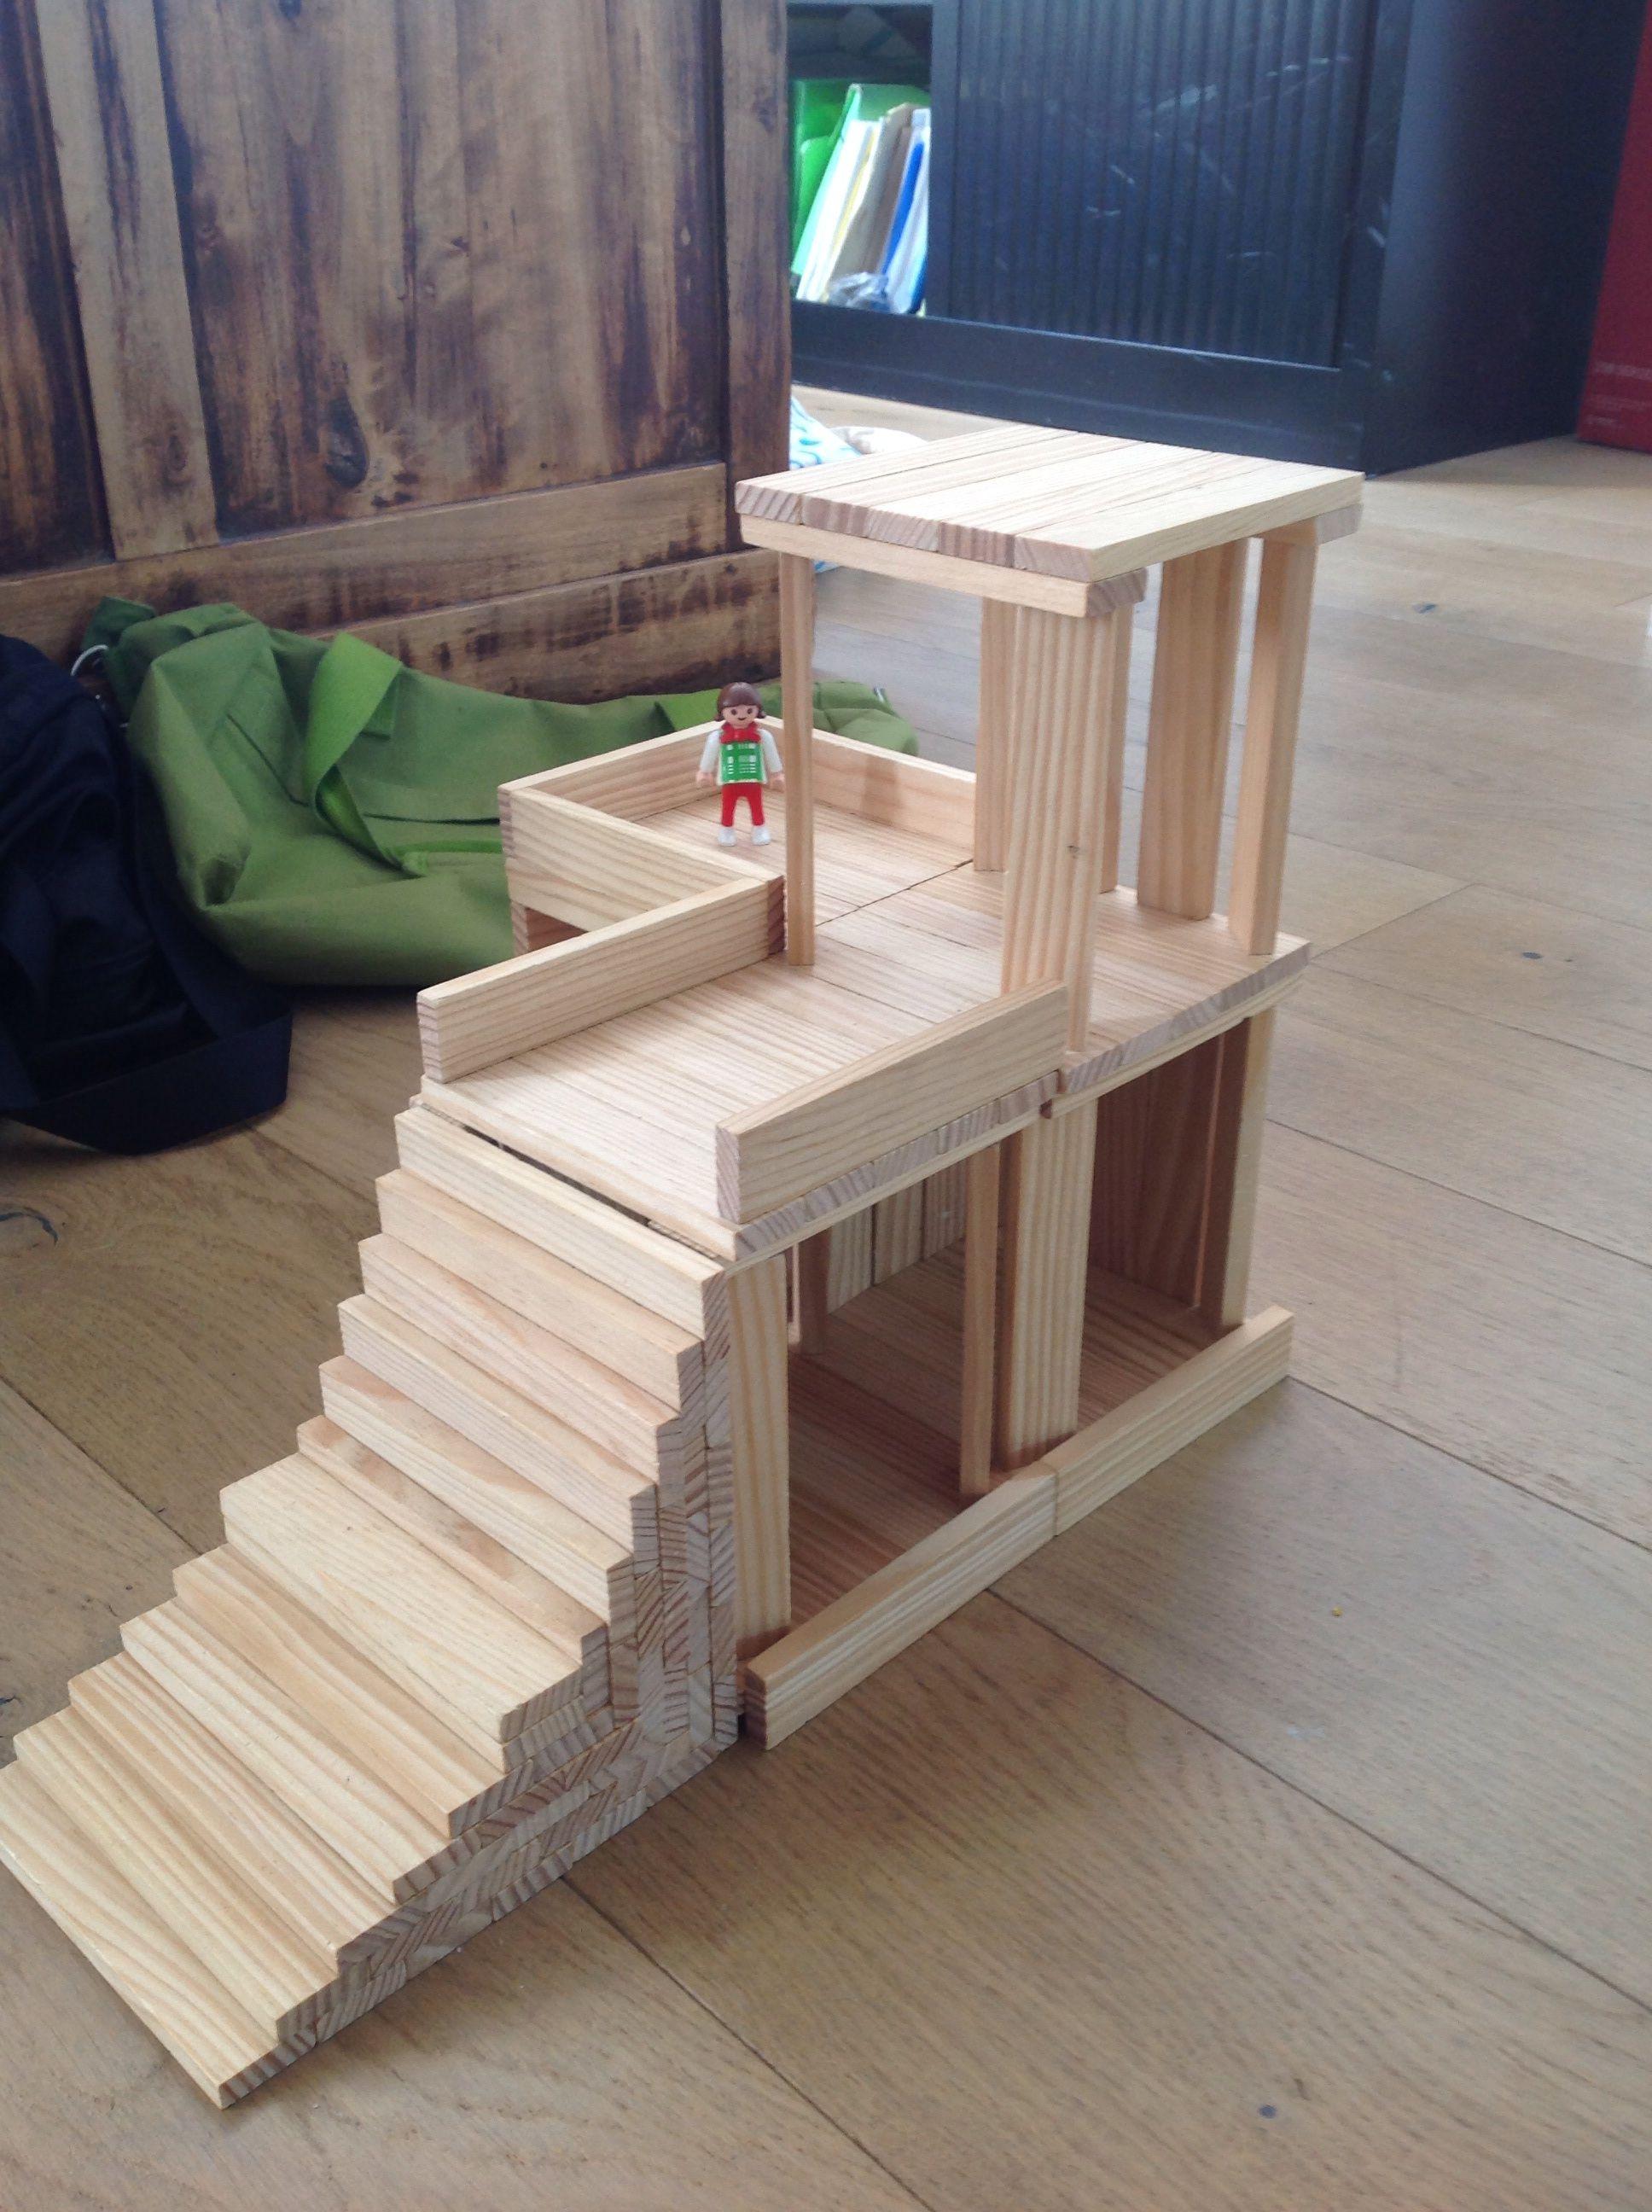 Maison De Kapla jolie maison de kapla | kid projects | pinterest | construction